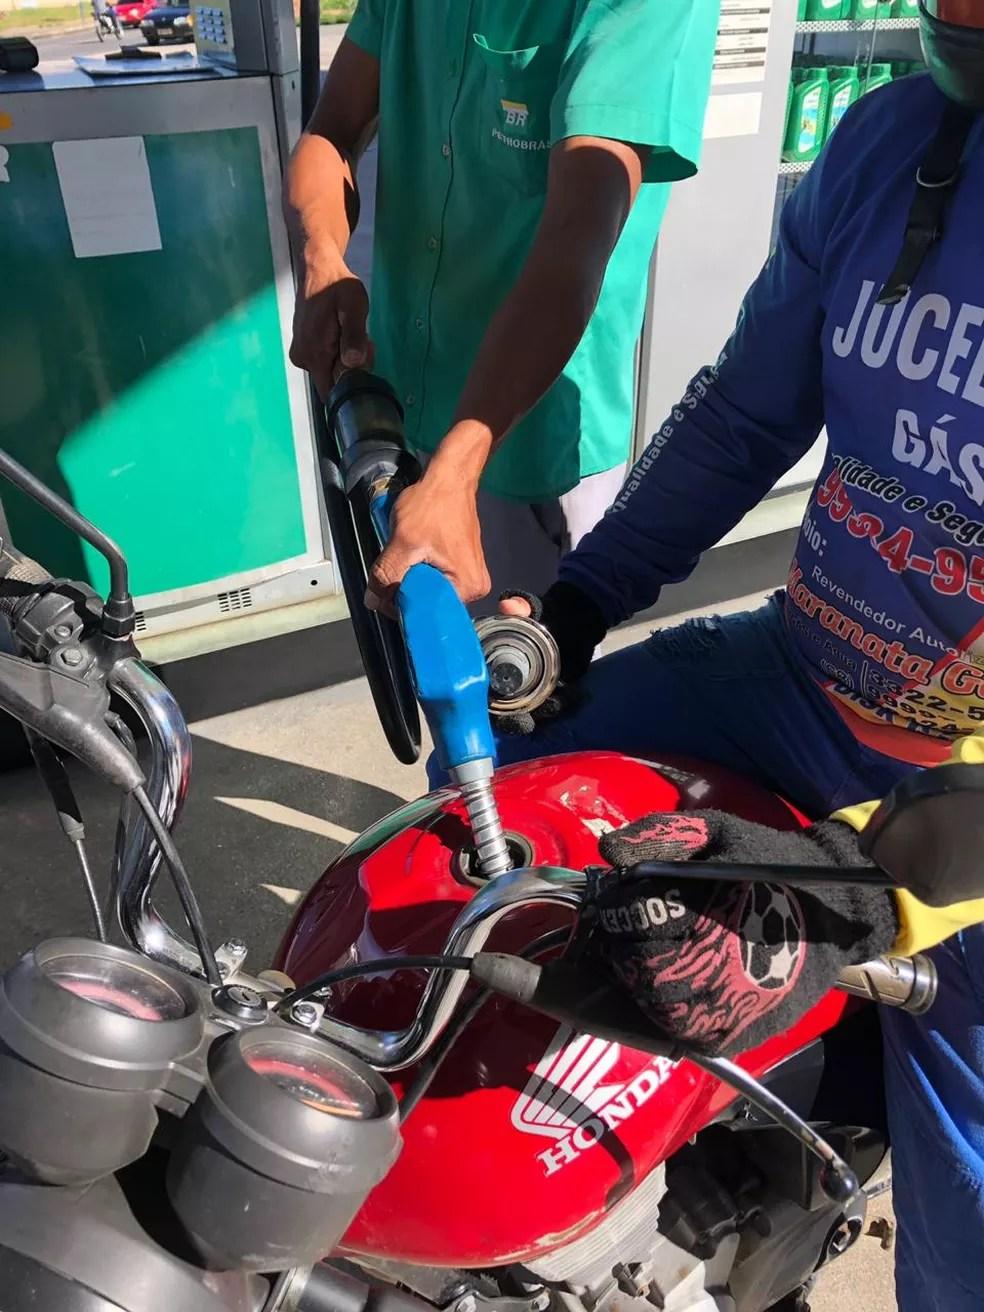 Consumidores reclama de alto preço do combustível em Cruzeiro do Sul  — Foto: Mazinho Rogério/G1